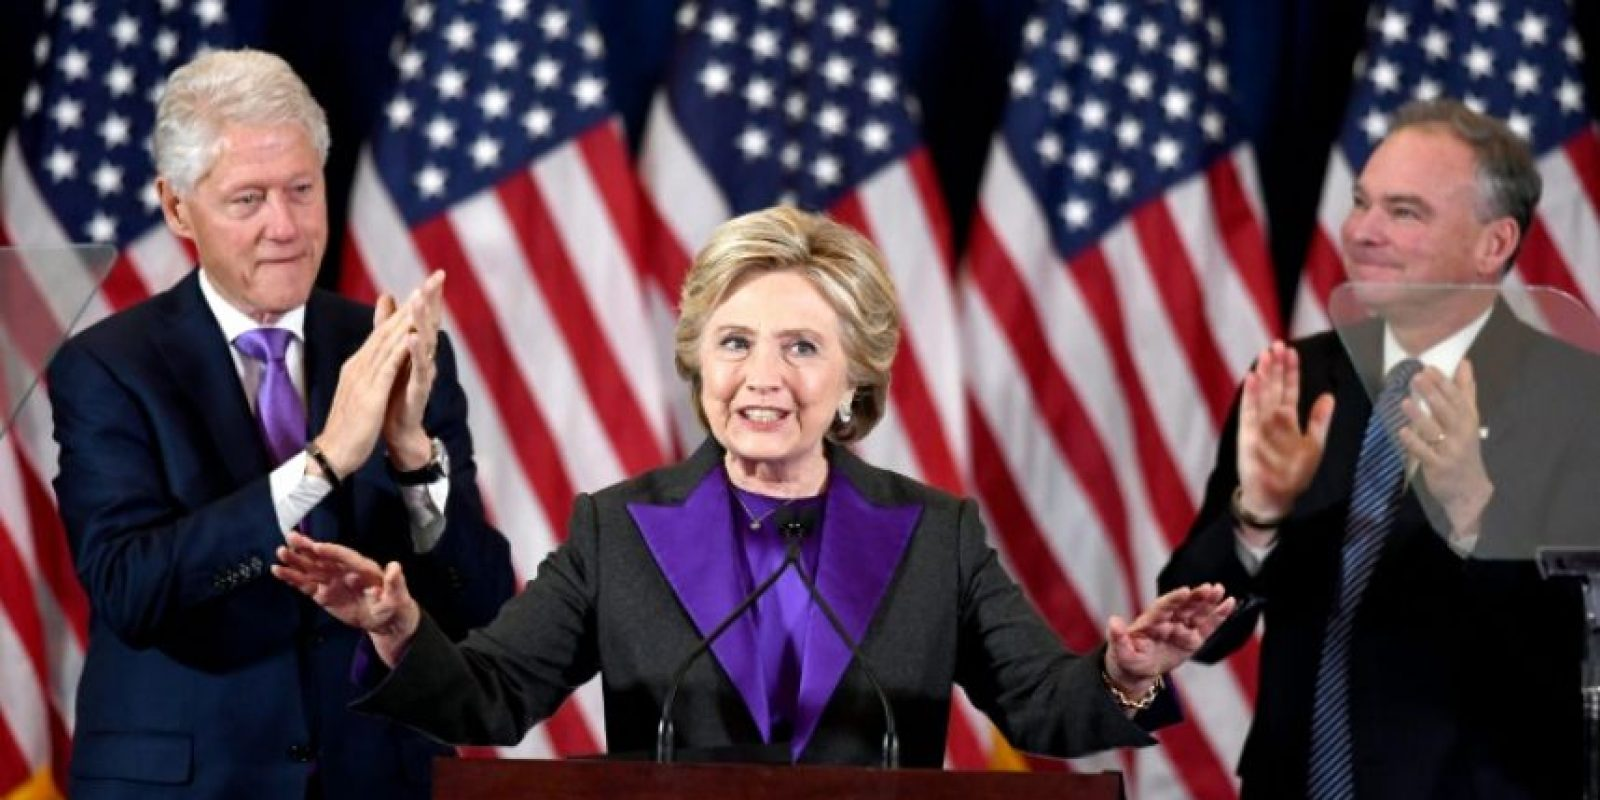 Hillary Clinton, el 9 de noviembre de 2016 en Nueva York Foto:Jewel Samad/afp.com